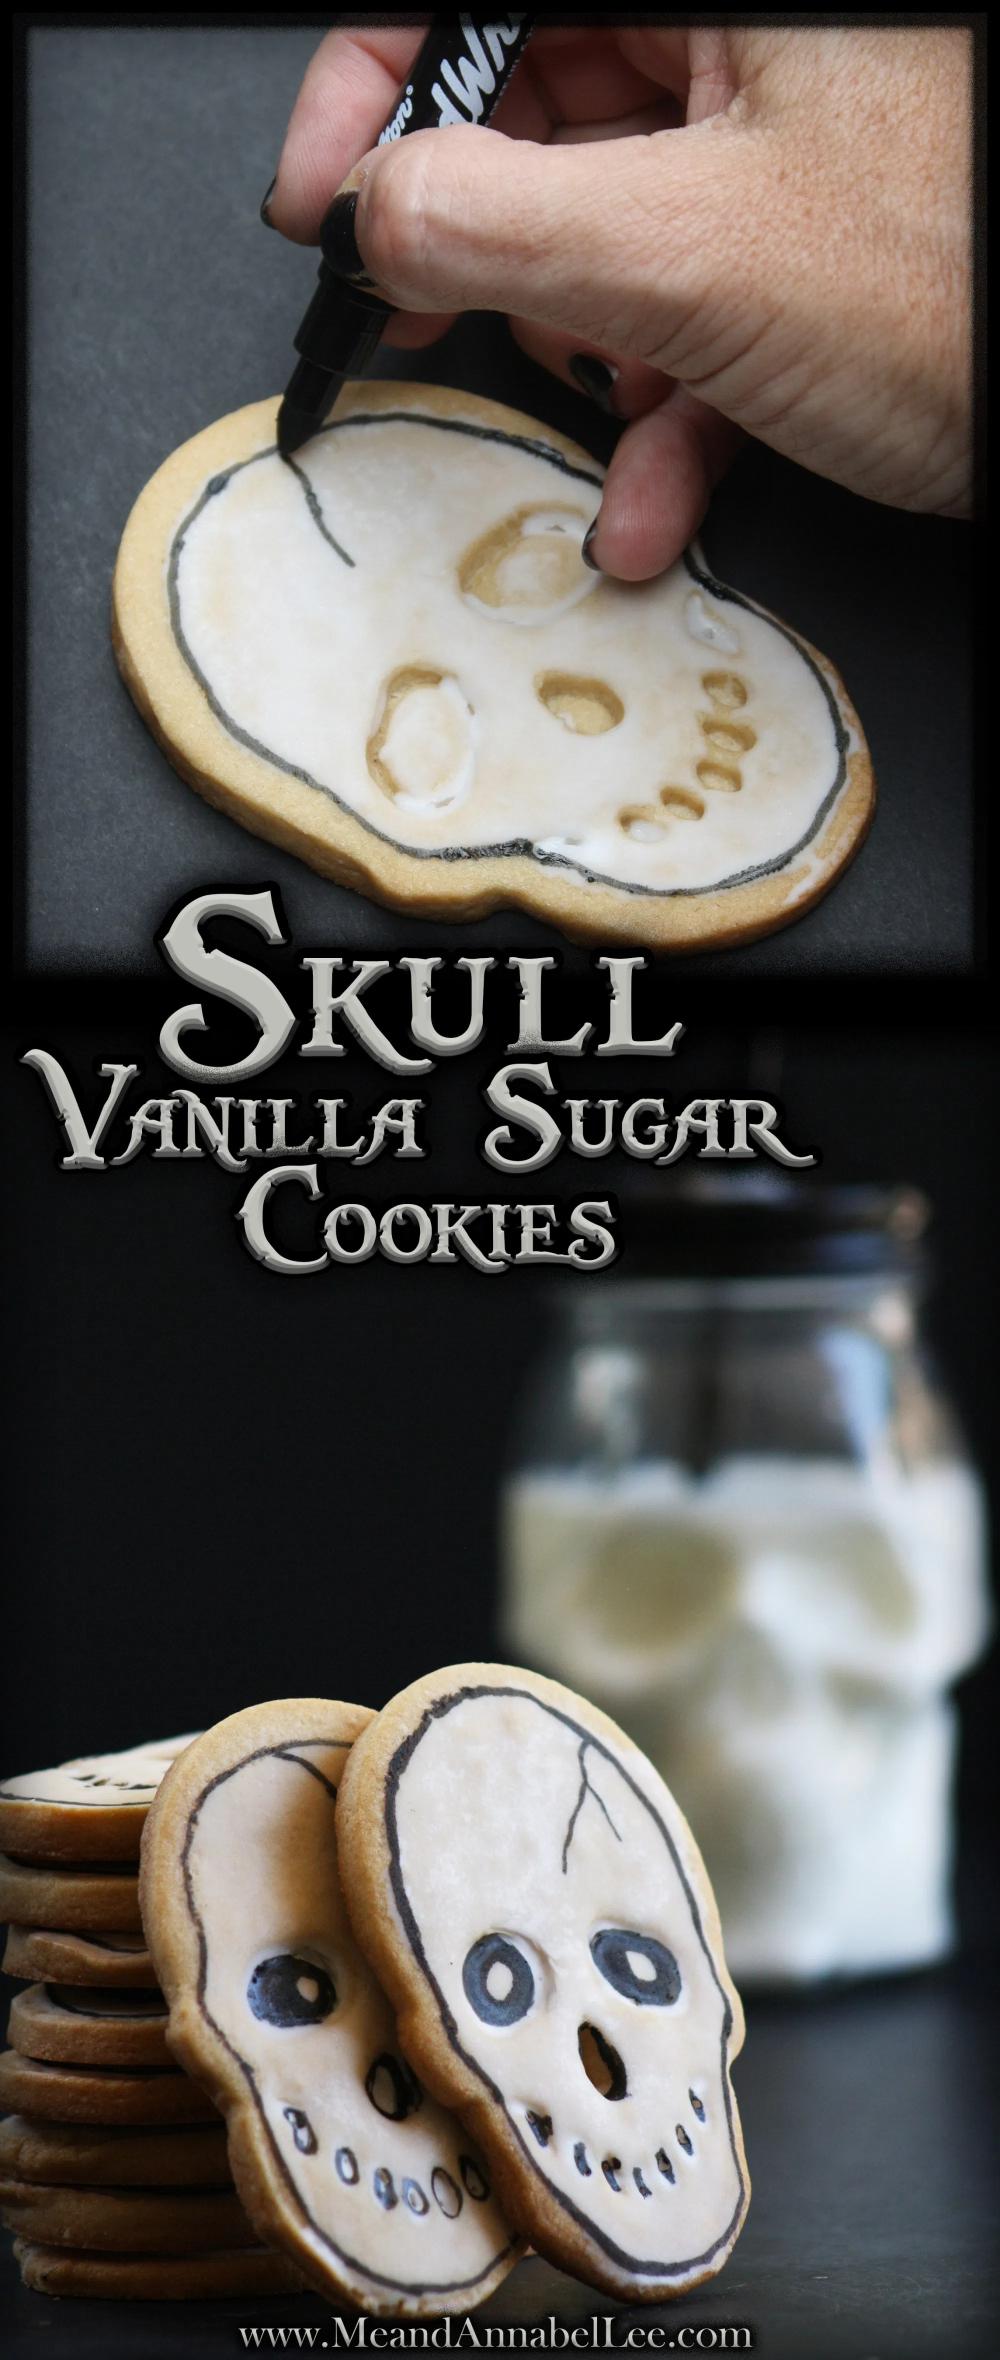 Halloween Skull Cookies - Vanilla Sugar Cookie Recipe | Me and Annabel Lee